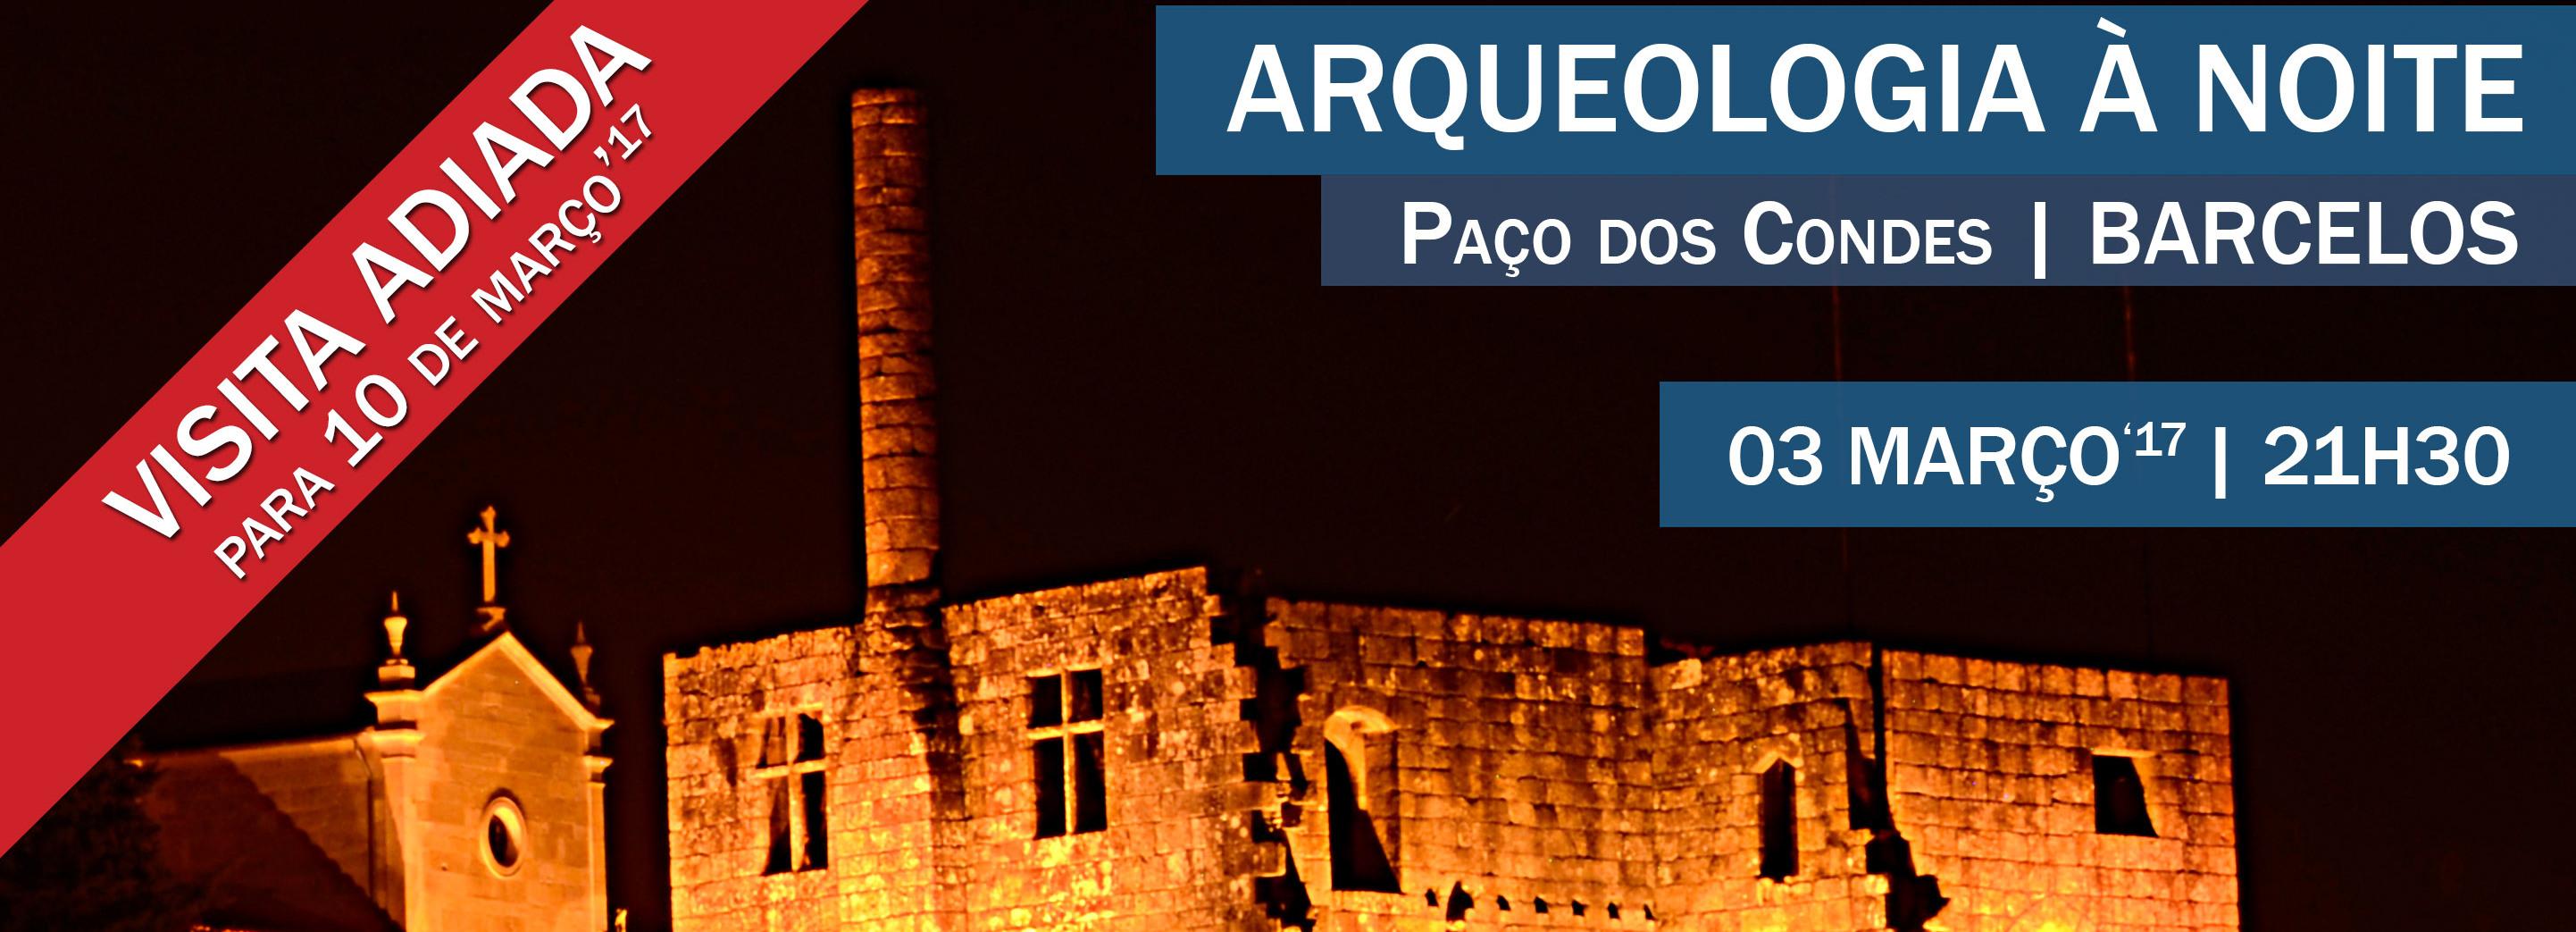 Arqueologia à Noite visita Paço dos Condes de Barcelos